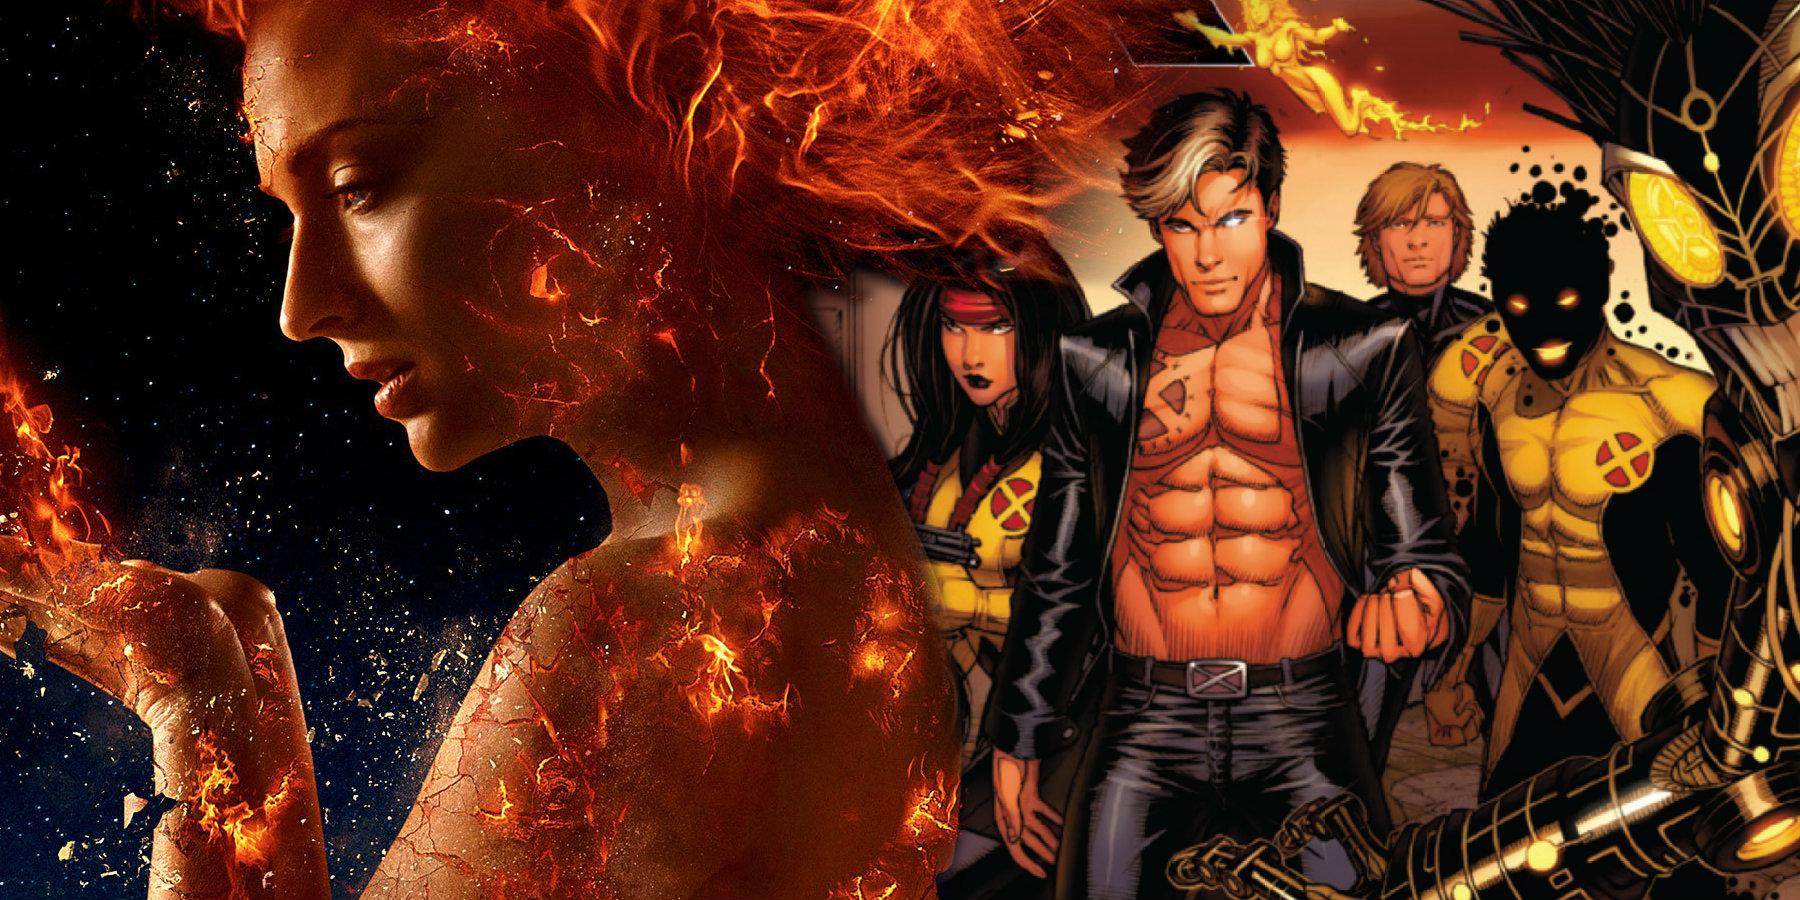 """אז, מה עומד מאחורי הדחייה של """"אקס-מן: הפניקס האפלה"""" ו""""המוטנטים החדשים""""?"""